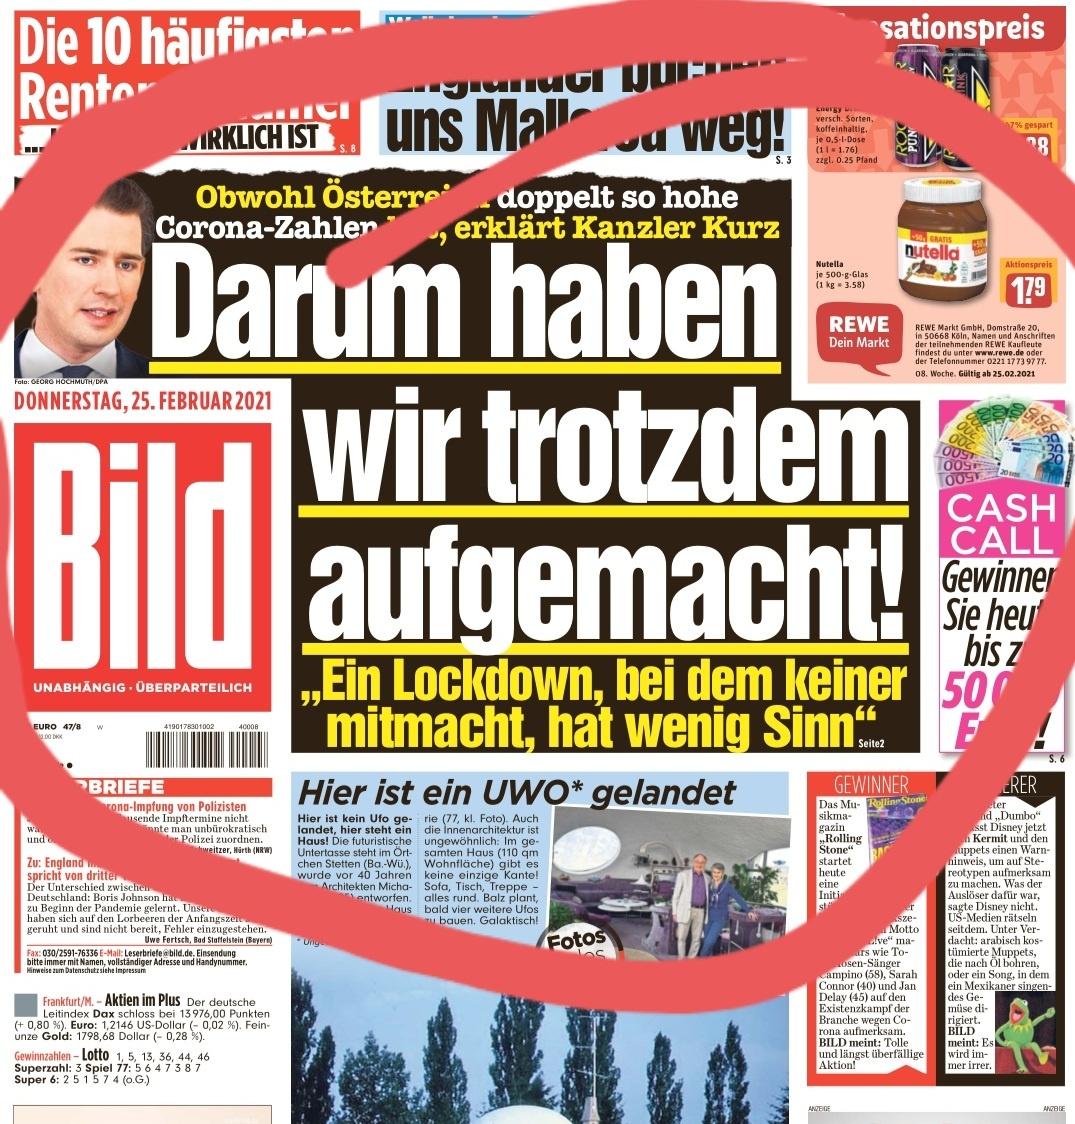 """#Lockerungen in #Österreich """"Ein #Lockdown, bei dem keiner mitmacht, macht keinen Sinn!"""" Während der Deutsche weiter brav folgt! Merkt ihr was?"""